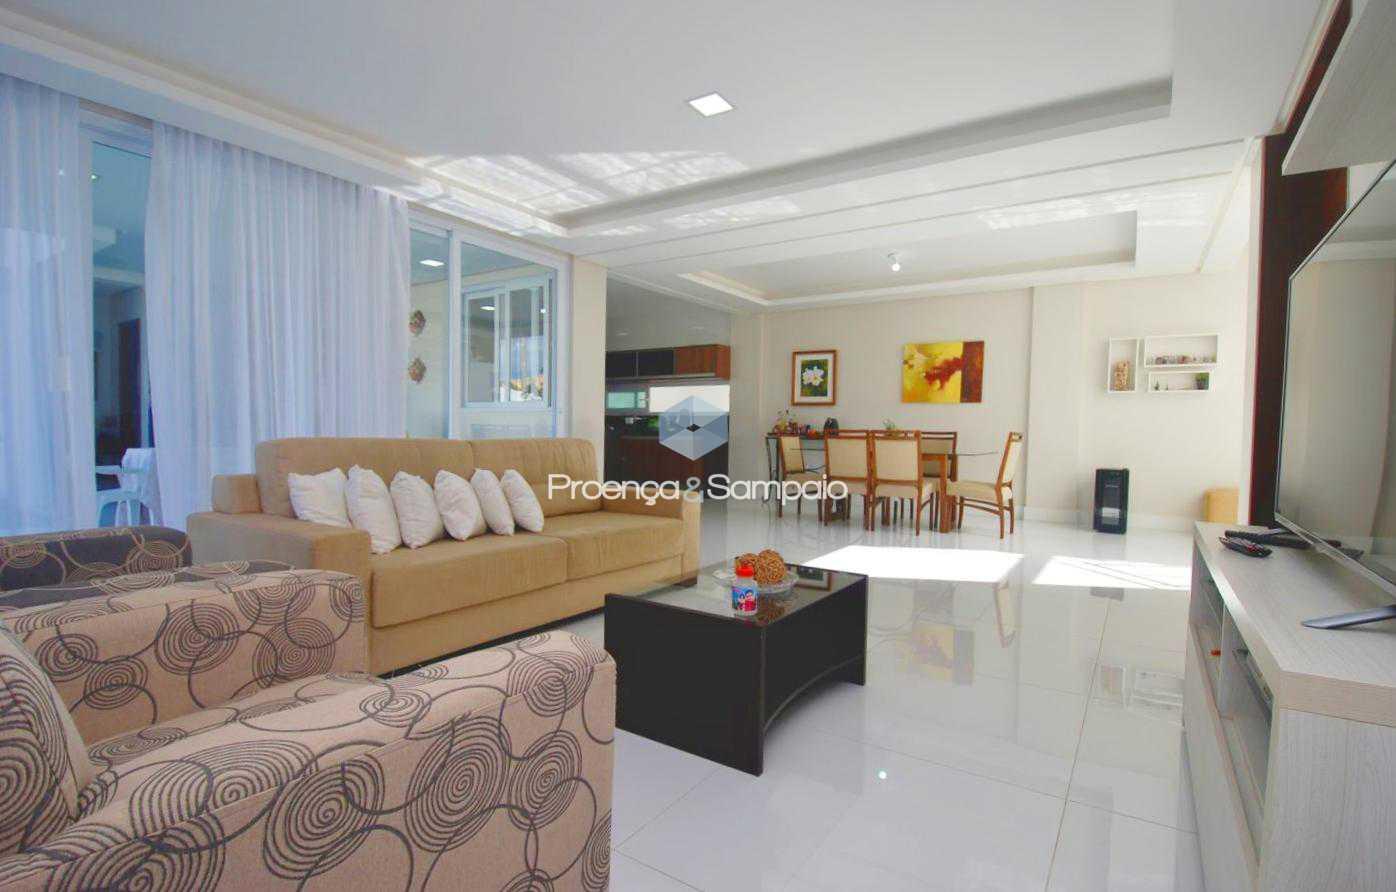 FOTO6 - Casa em Condominio À Venda - Lauro de Freitas - BA - Miragem - PSCN40024 - 8